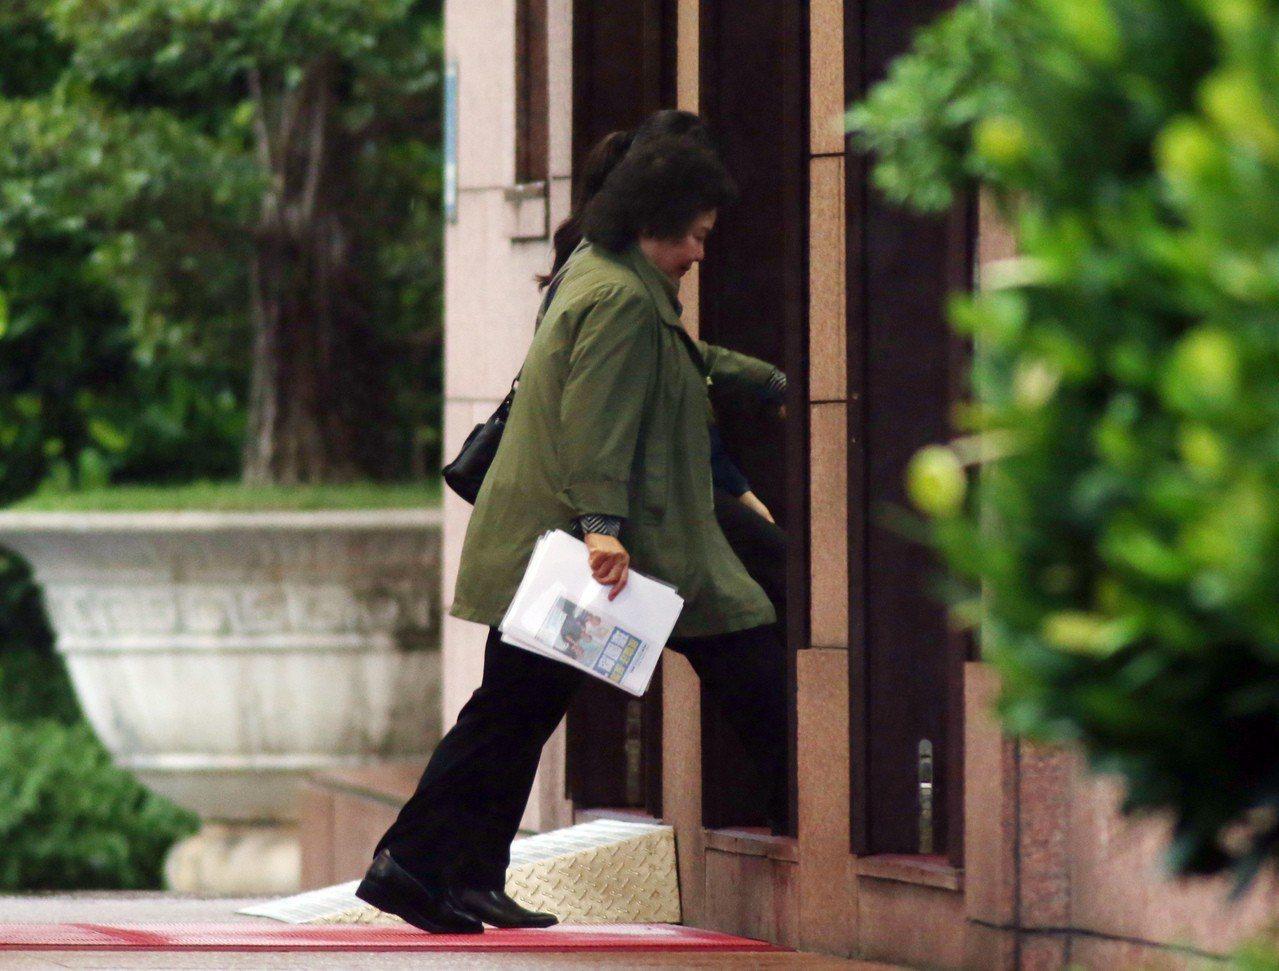 本報記者捕捉到總統府秘書長陳菊在傍晚接近5時進入行政院。從照片也可以看到,陳菊拿...